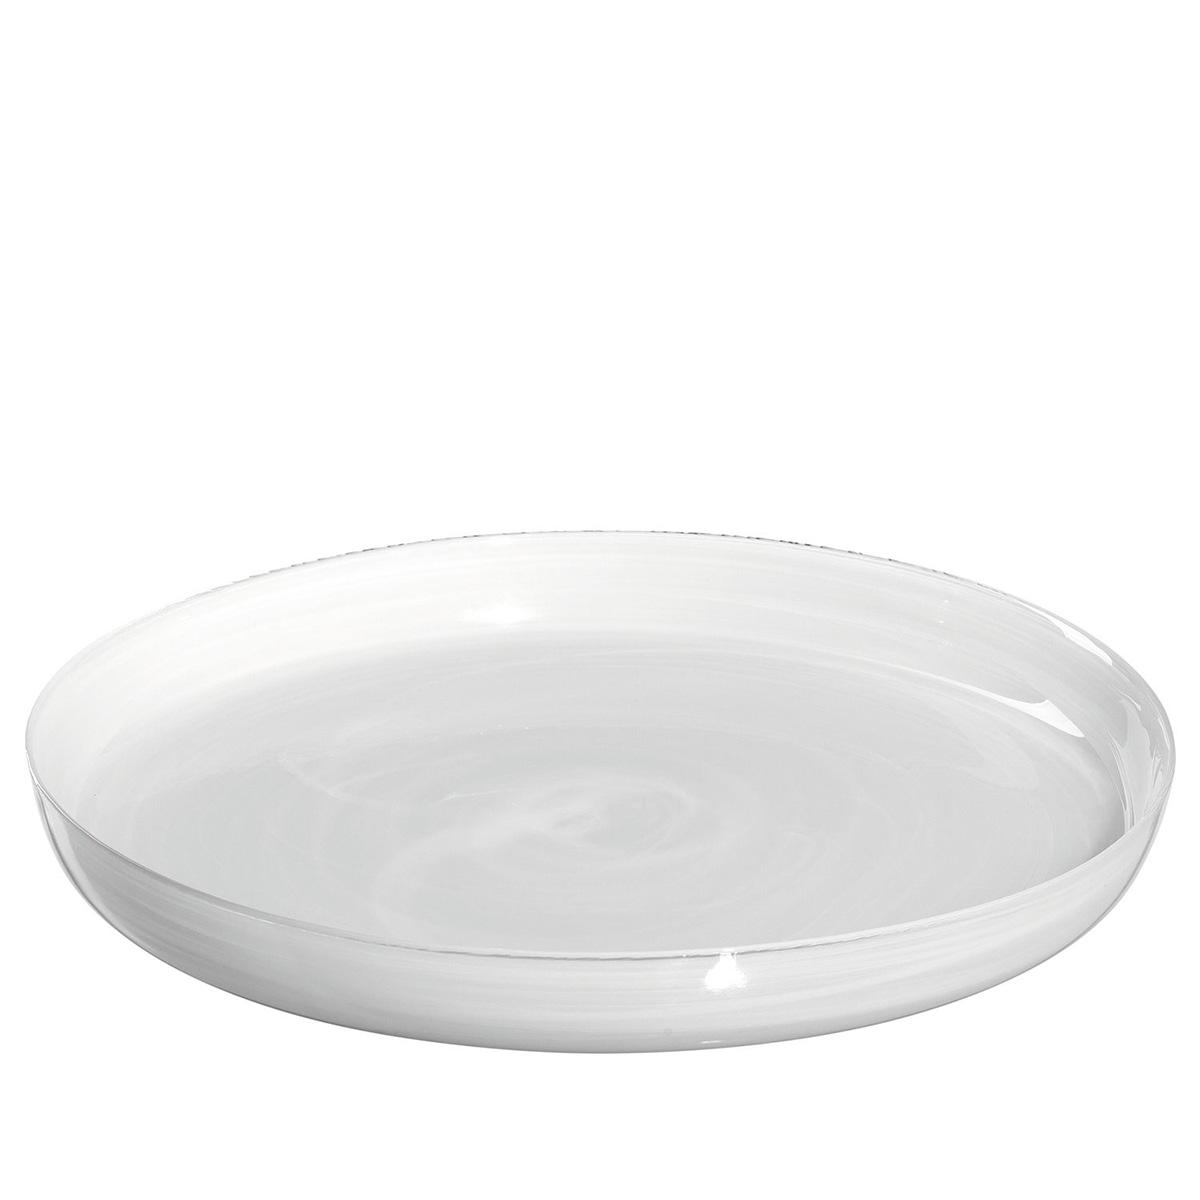 Staklena činija SAVONA 25722